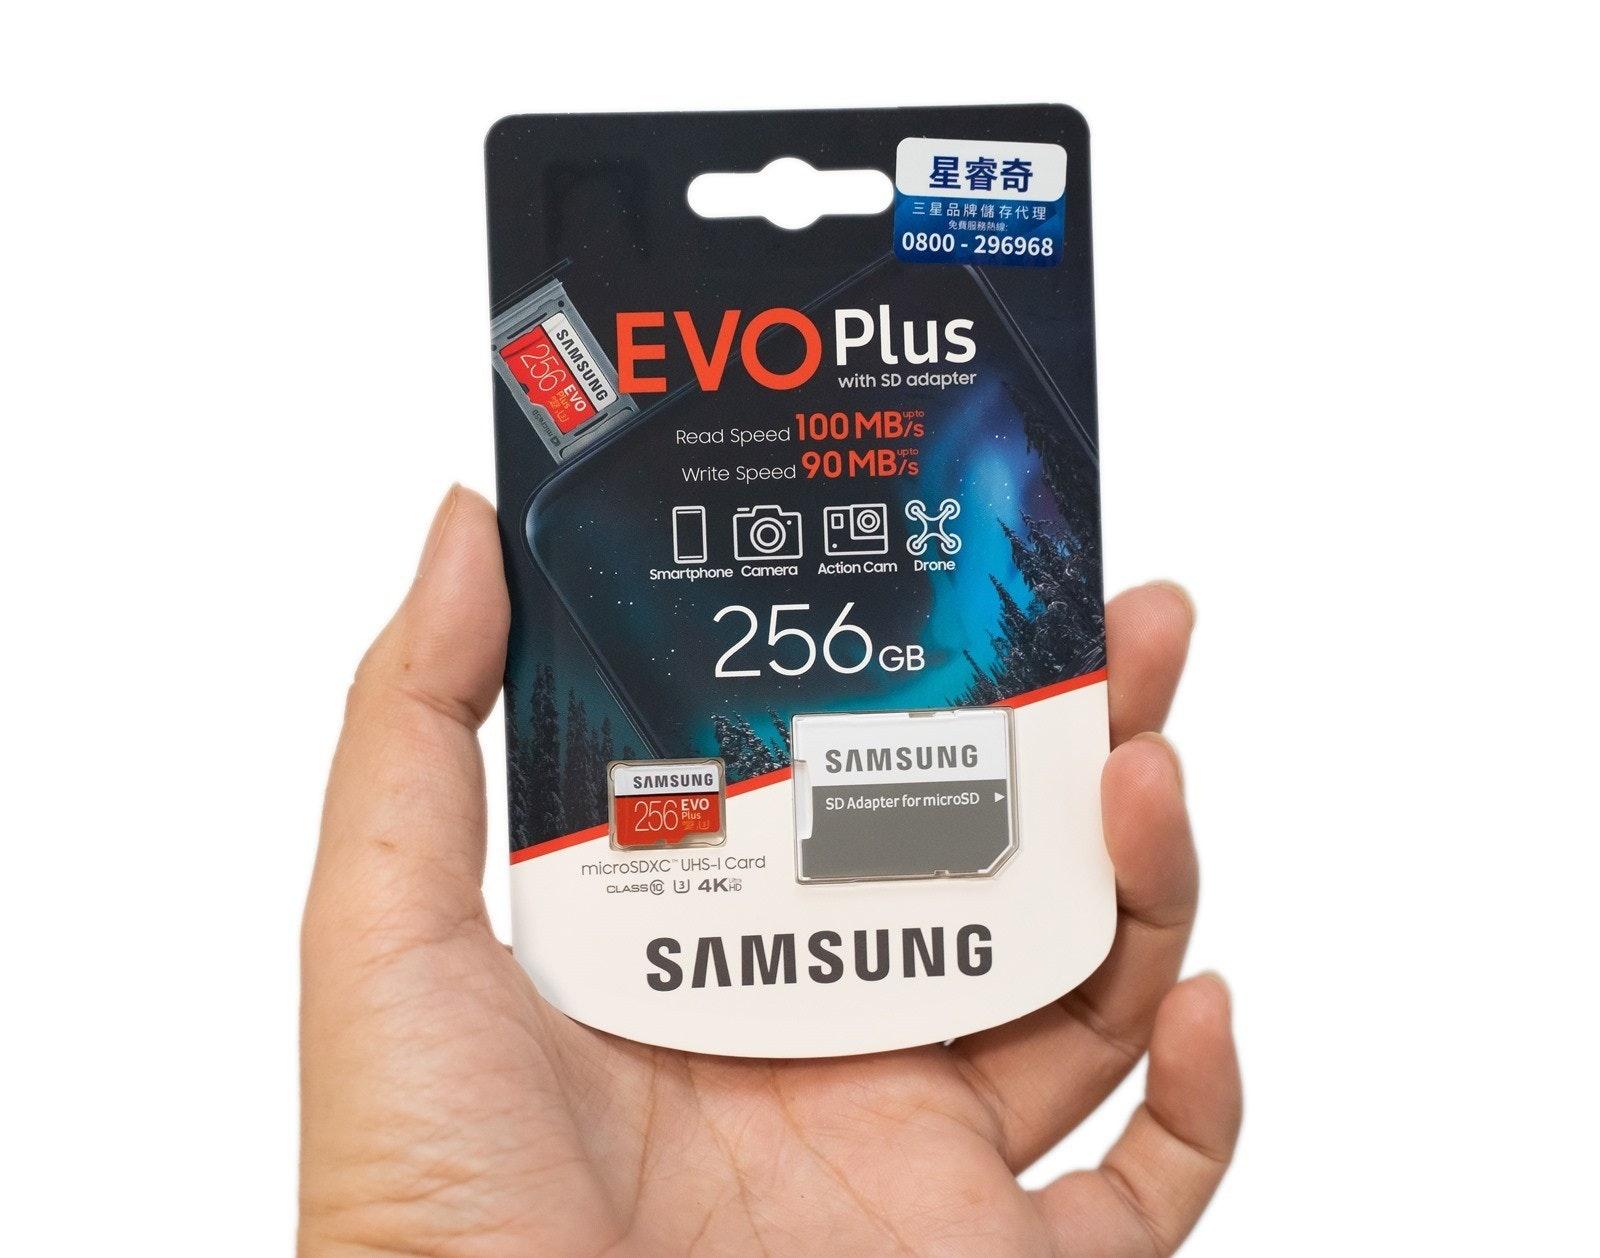 照片中提到了星睿奇、三星品牌儲存代理、免費服務熱線:,跟EVO銀行有關,包含了三星、三星、三星microSDXC EVO Plus、存儲卡、三星EVO Plus 32GB